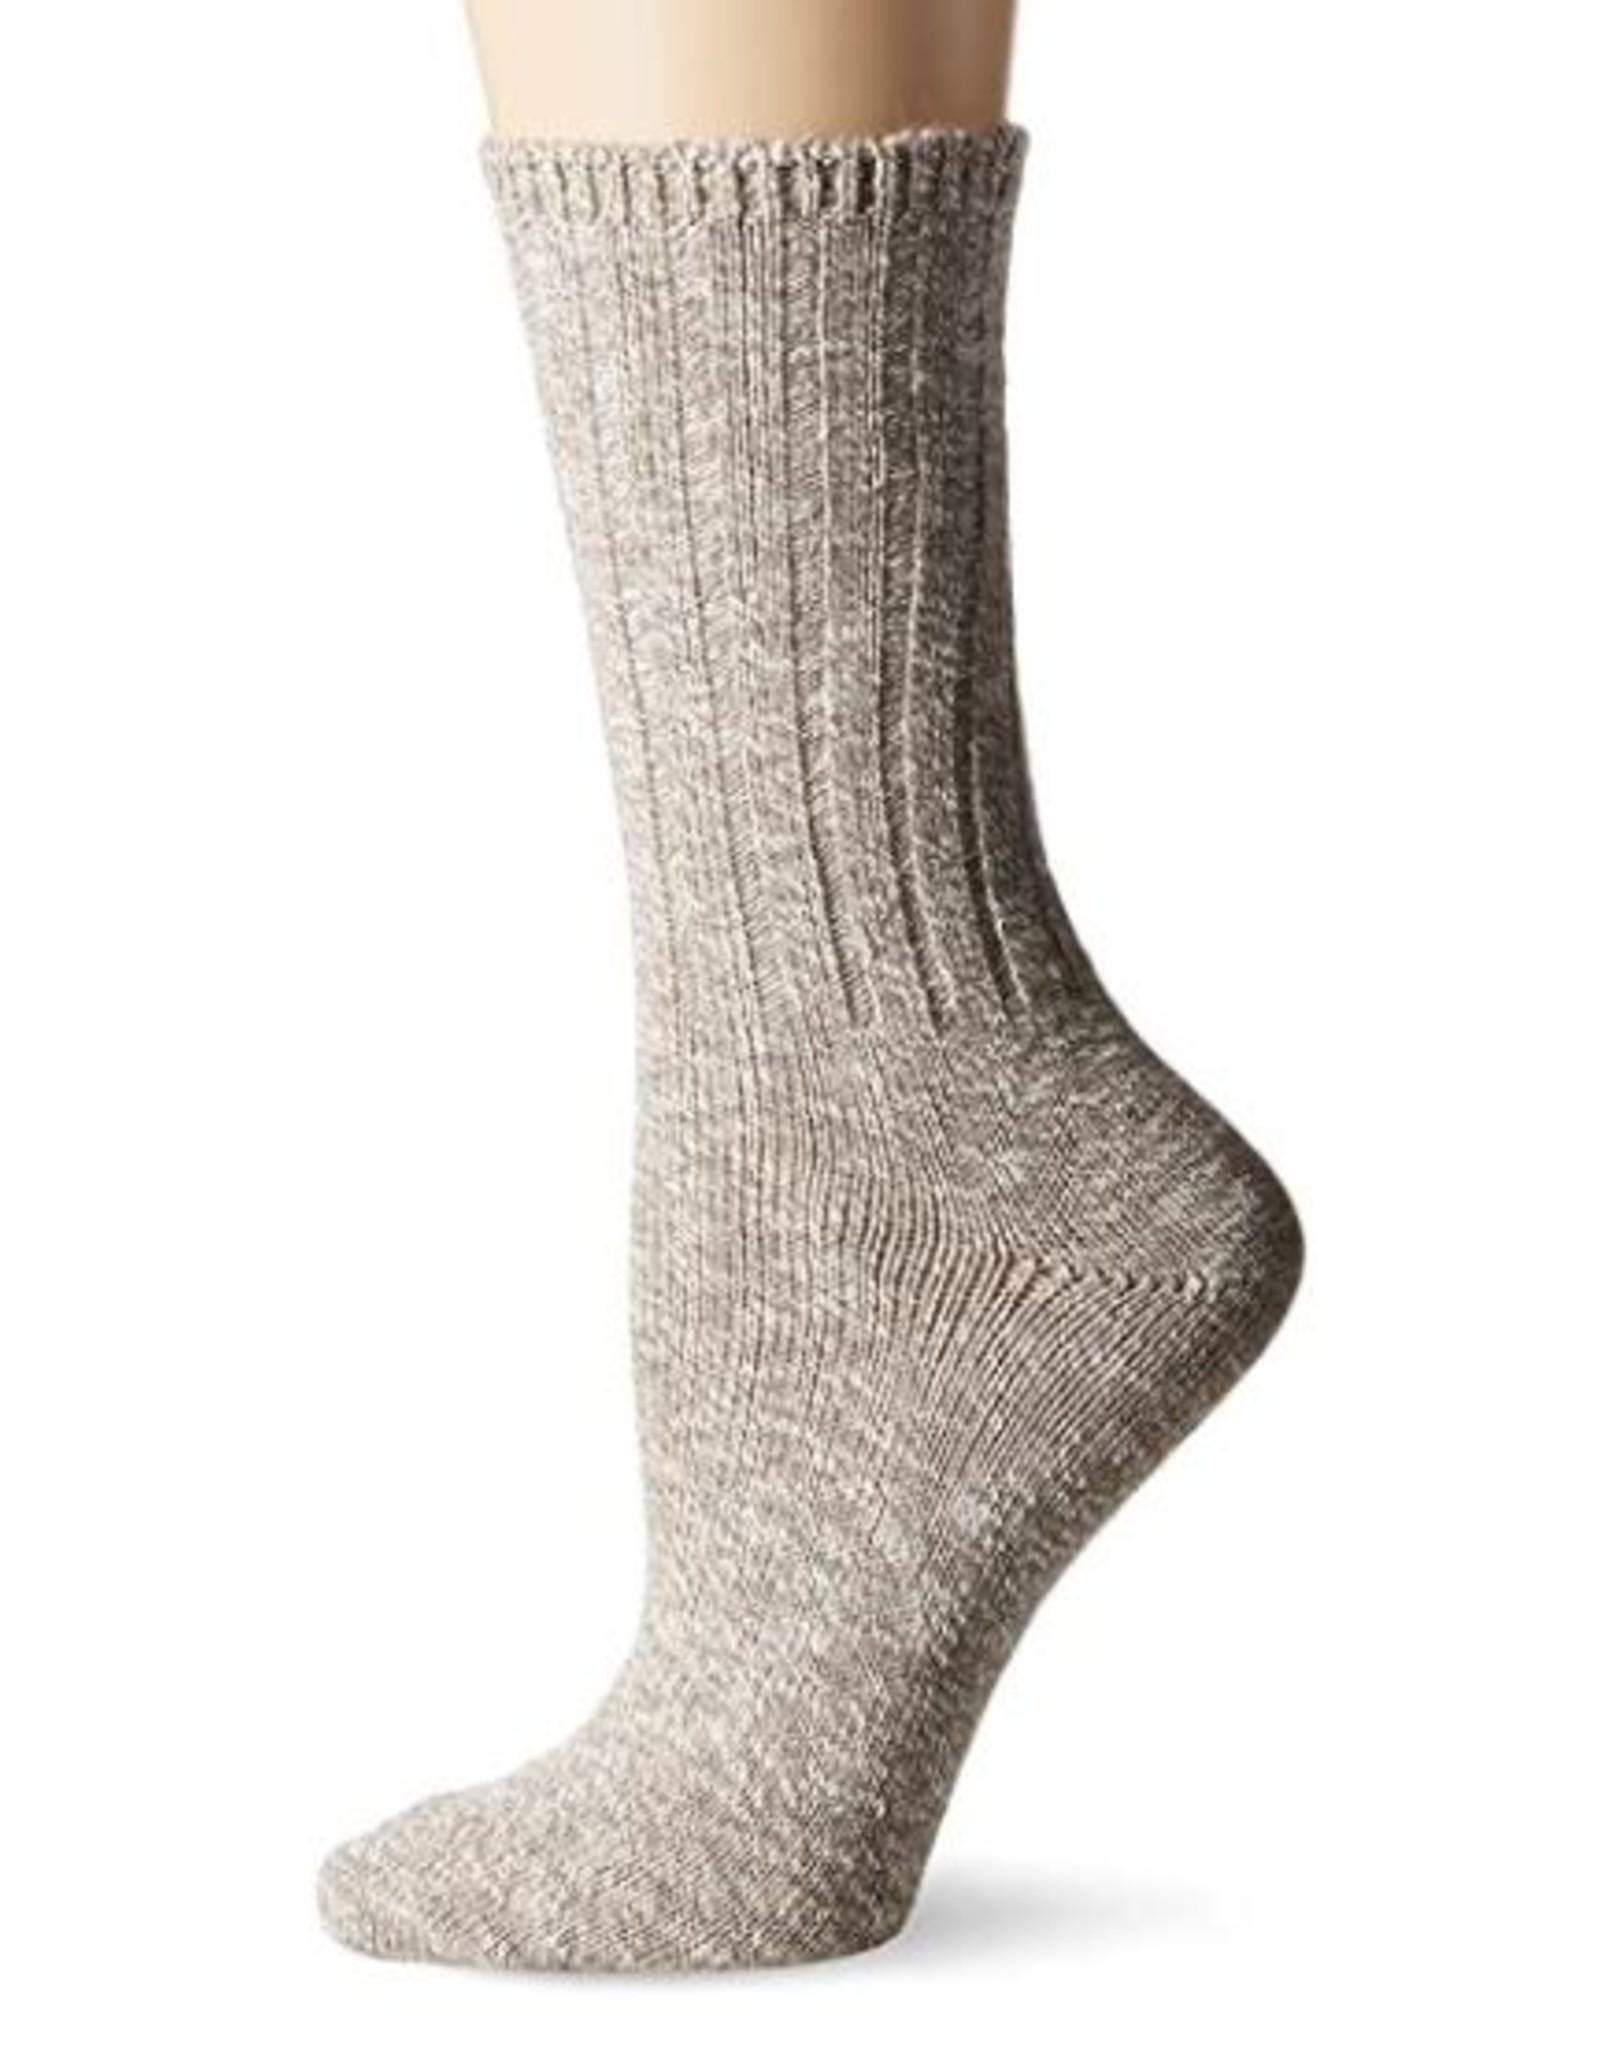 McGregor Socks Women's Weekender Classics - Stone Mix